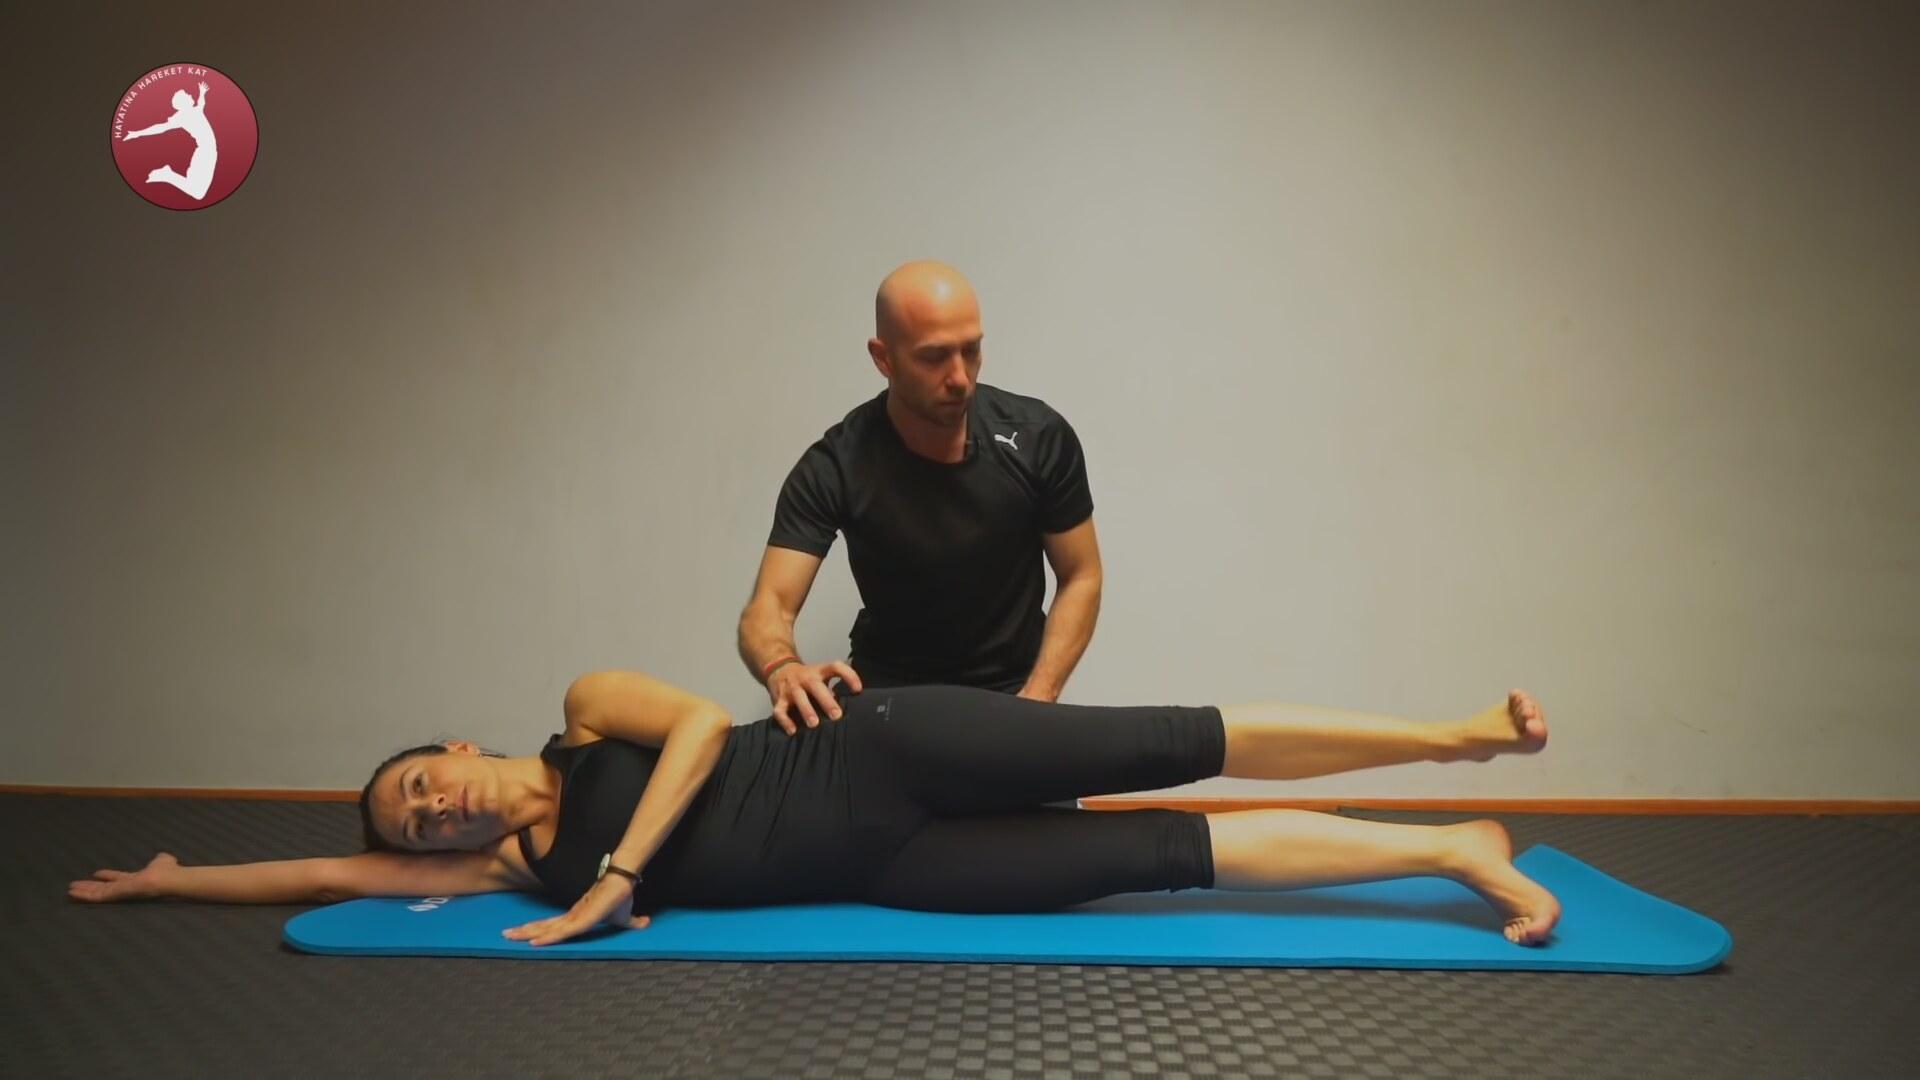 Kalça Sıkılaştırmak İçin Ne Yapmalı: Kalça Sıkılaştırma Egzersizleri